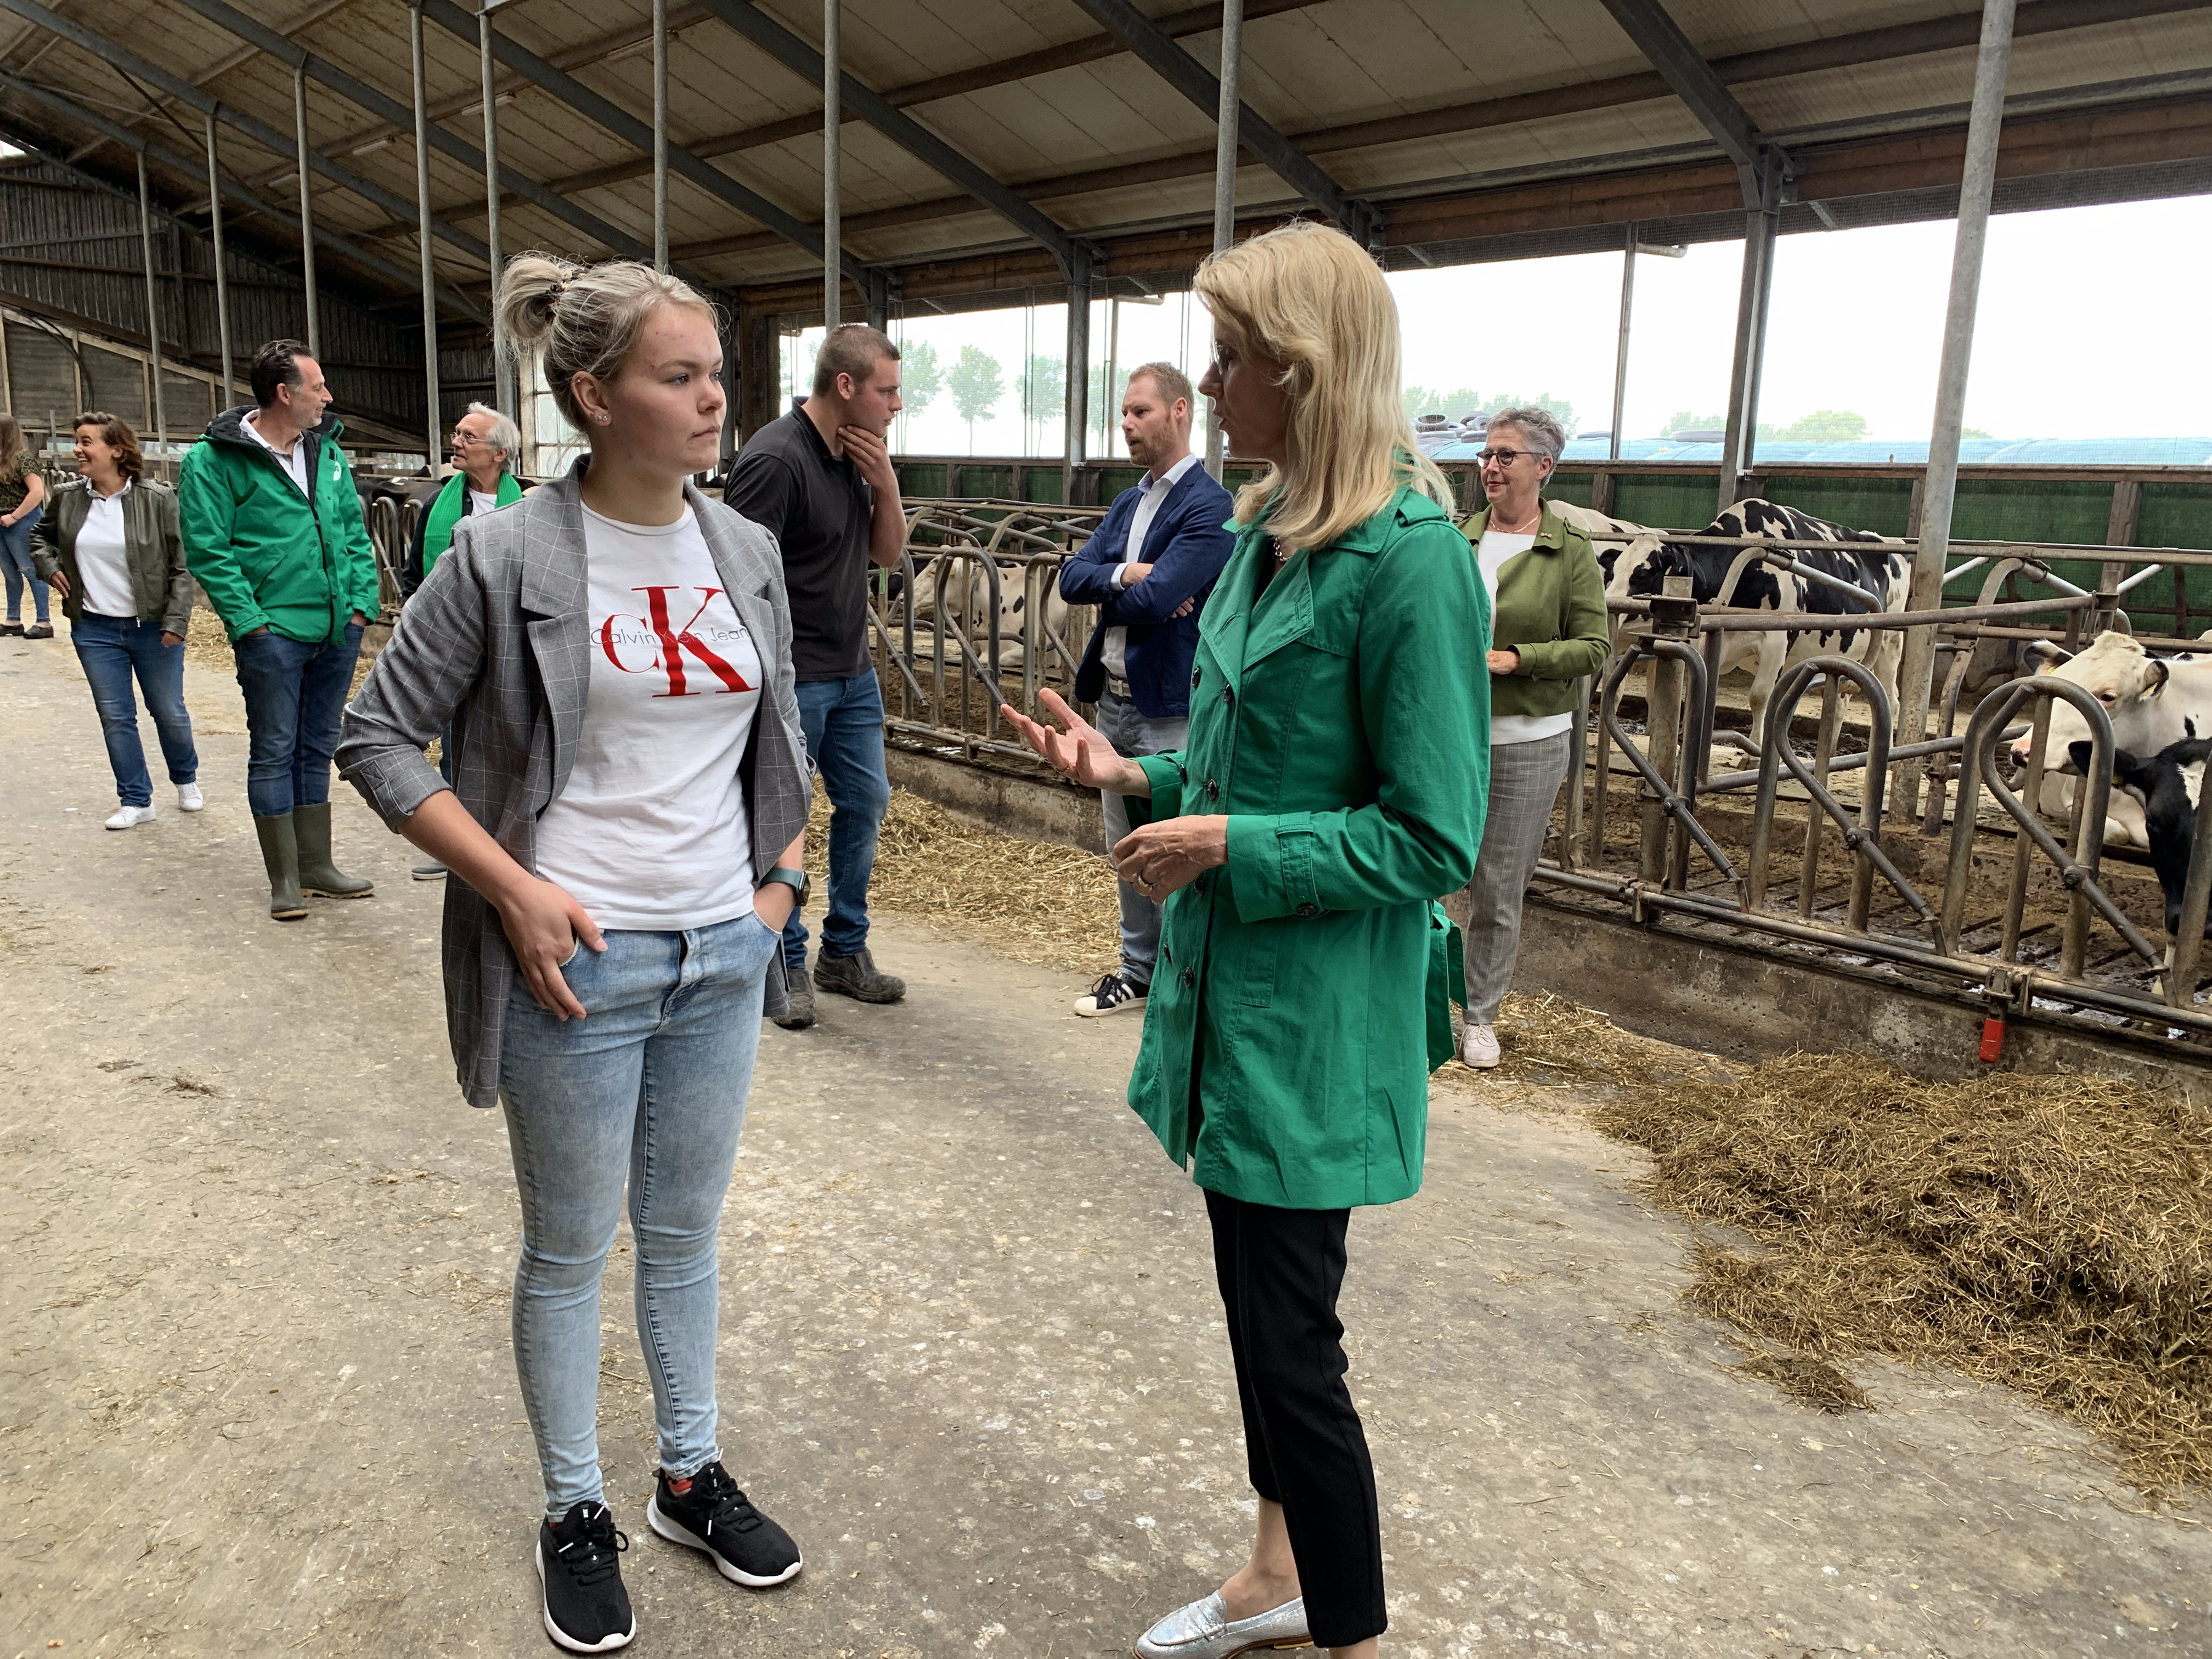 Mona Keijzer op bliksemcampagne in Beemster en Twisk om lijsttrekker CDA te worden